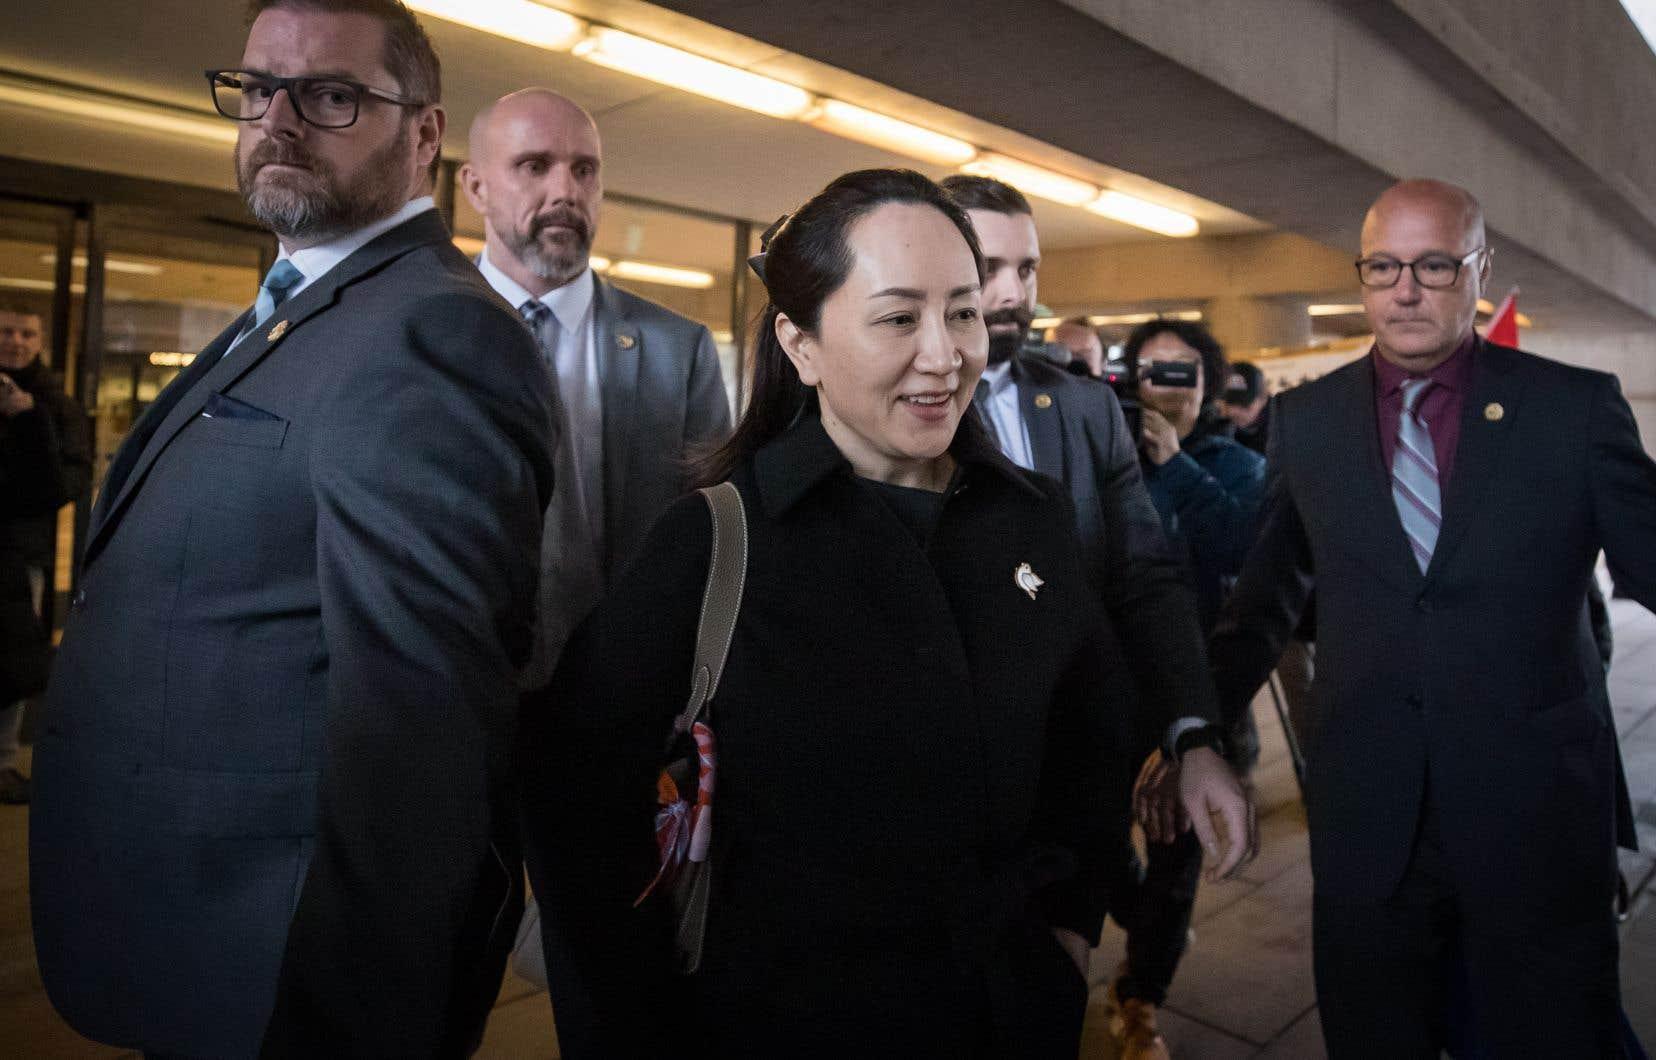 Meng Wanzhouavait été arrêtée en décembre 2018 à l'aéroport de Vancouver, à la demande des États-Unis.